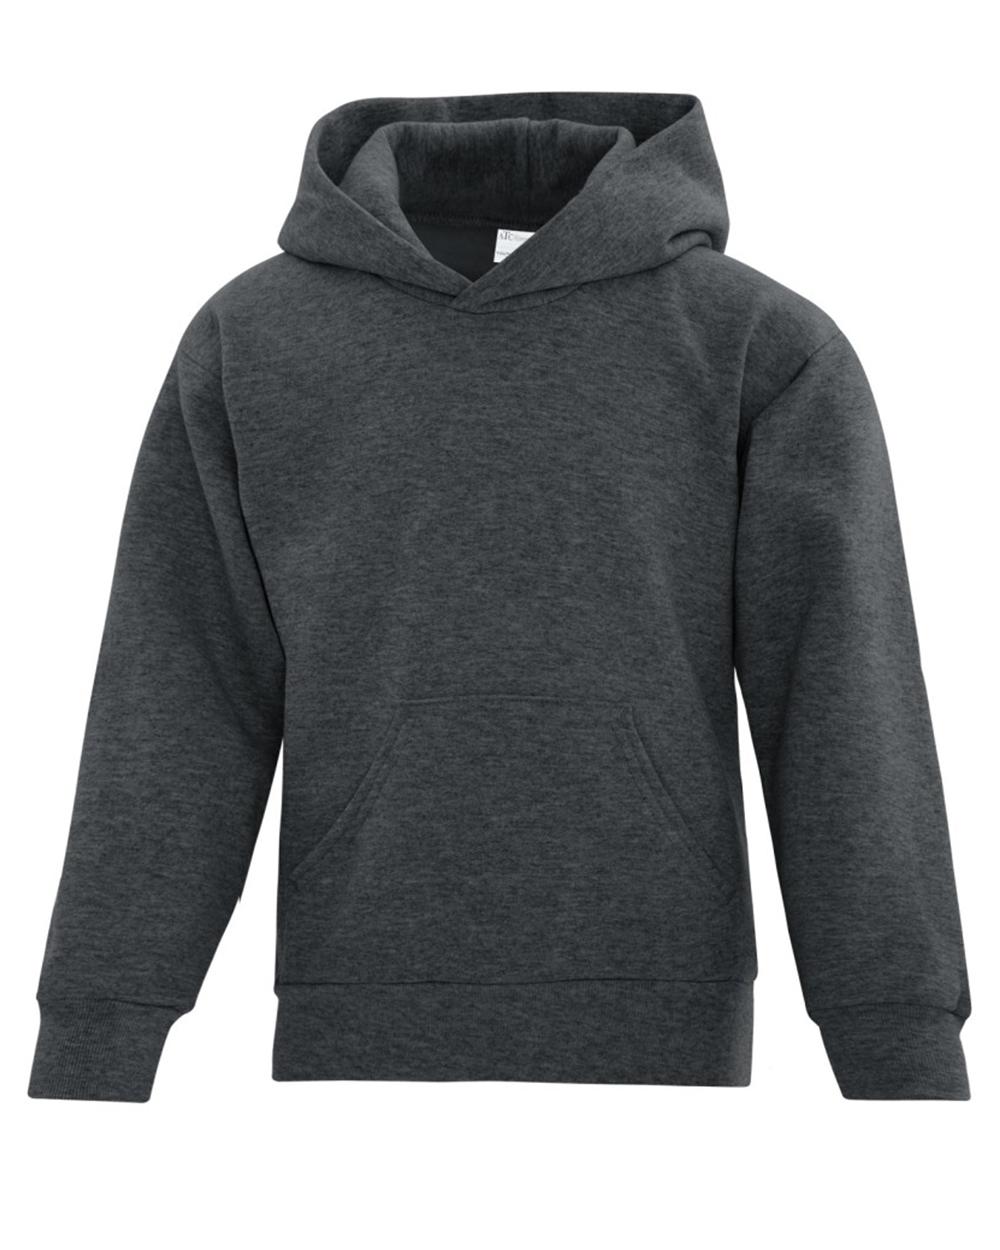 Everyday Fleece Hooded Youth Sweatshirt